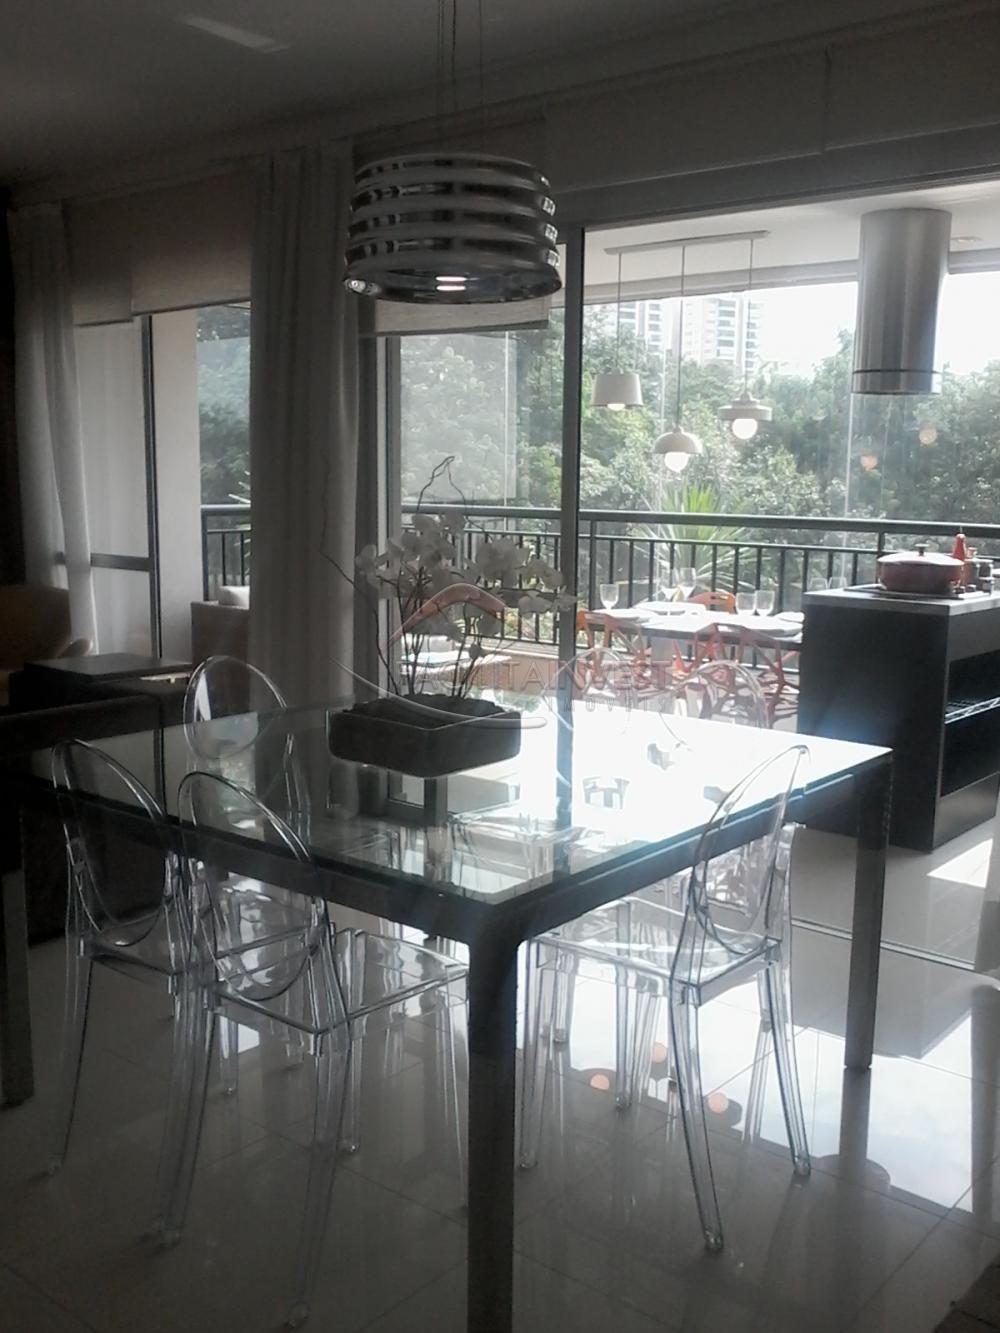 Comprar Apartamentos / Apart. Padrão em Ribeirão Preto apenas R$ 716.732,70 - Foto 5